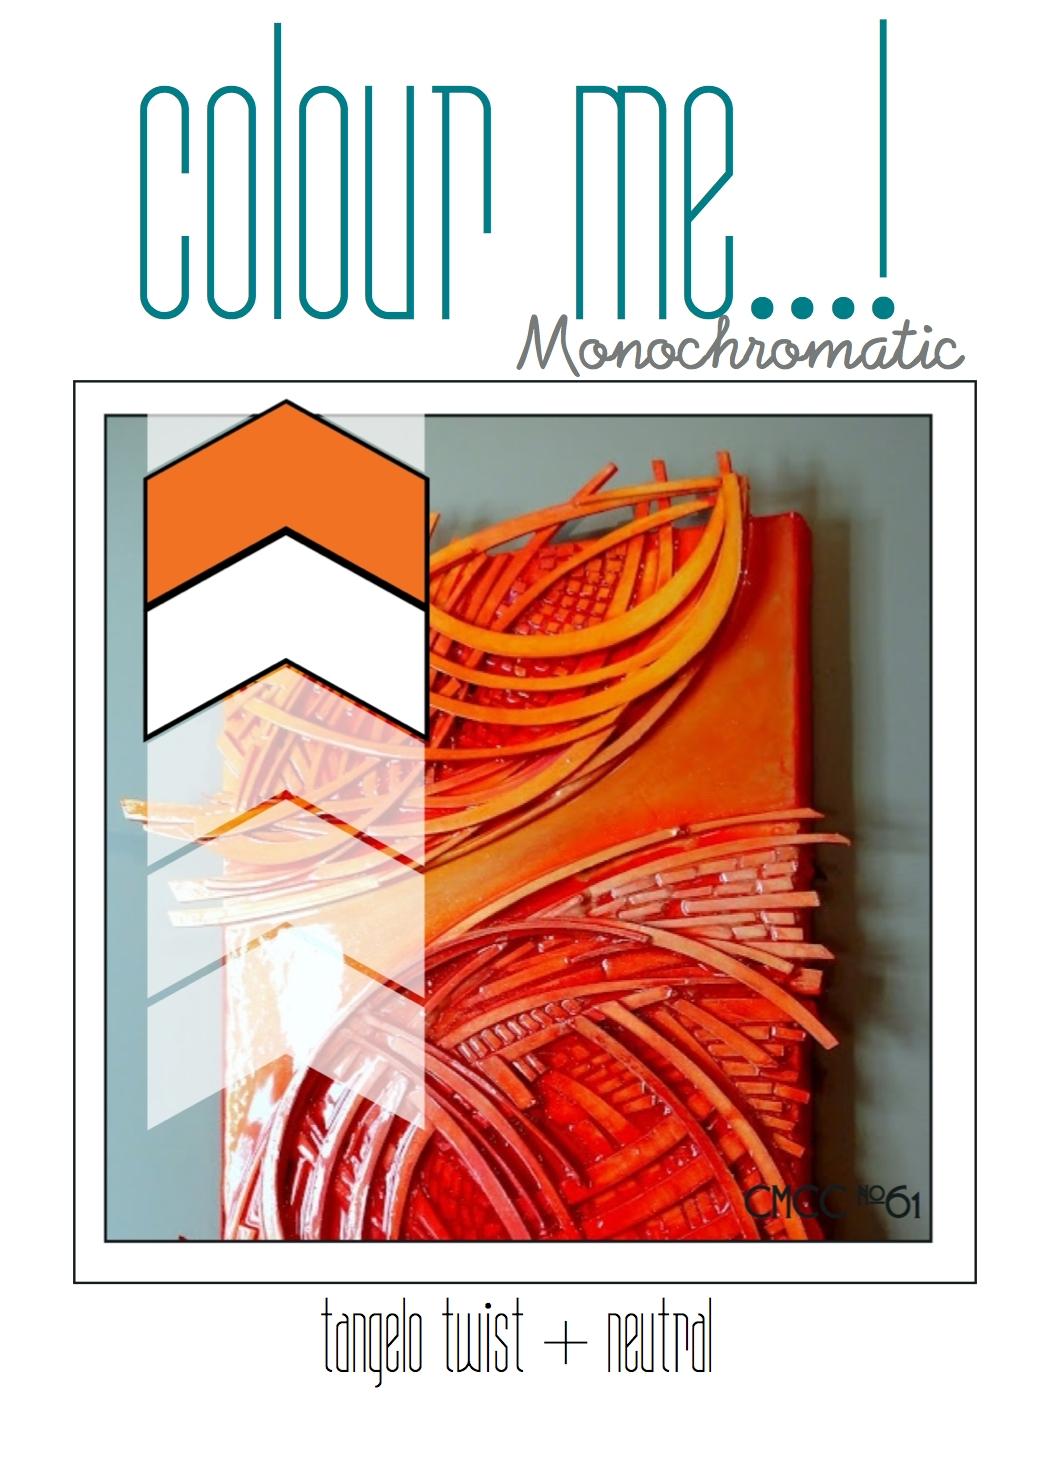 http://colourmecardchallenge.blogspot.de/2015/03/cmcc61-colour-me-monochromatic.html